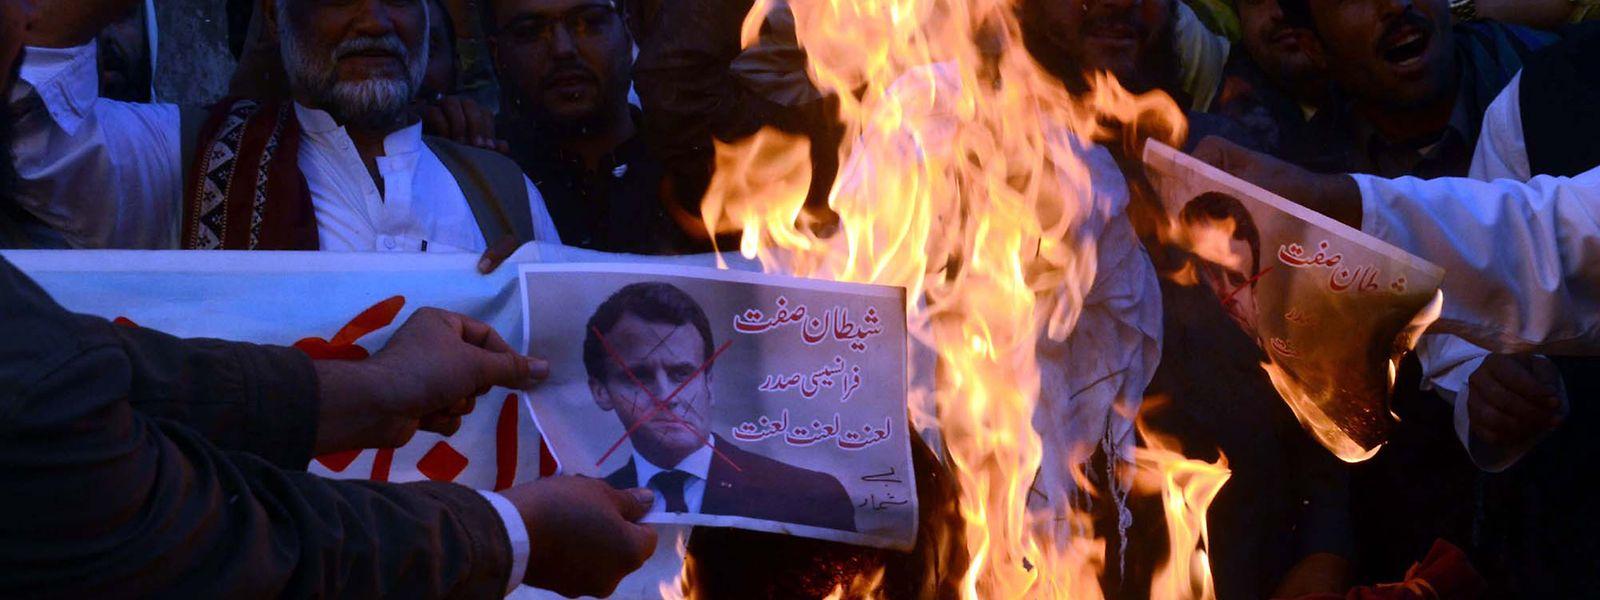 Als Reaktion auf Frankreichs Positionierung zu Meinungsfreiheit und der Veröffentlichung von Karikaturen des Propheten Mohammed kam es in zahlreichen muslimischen Ländern zu Protesten.